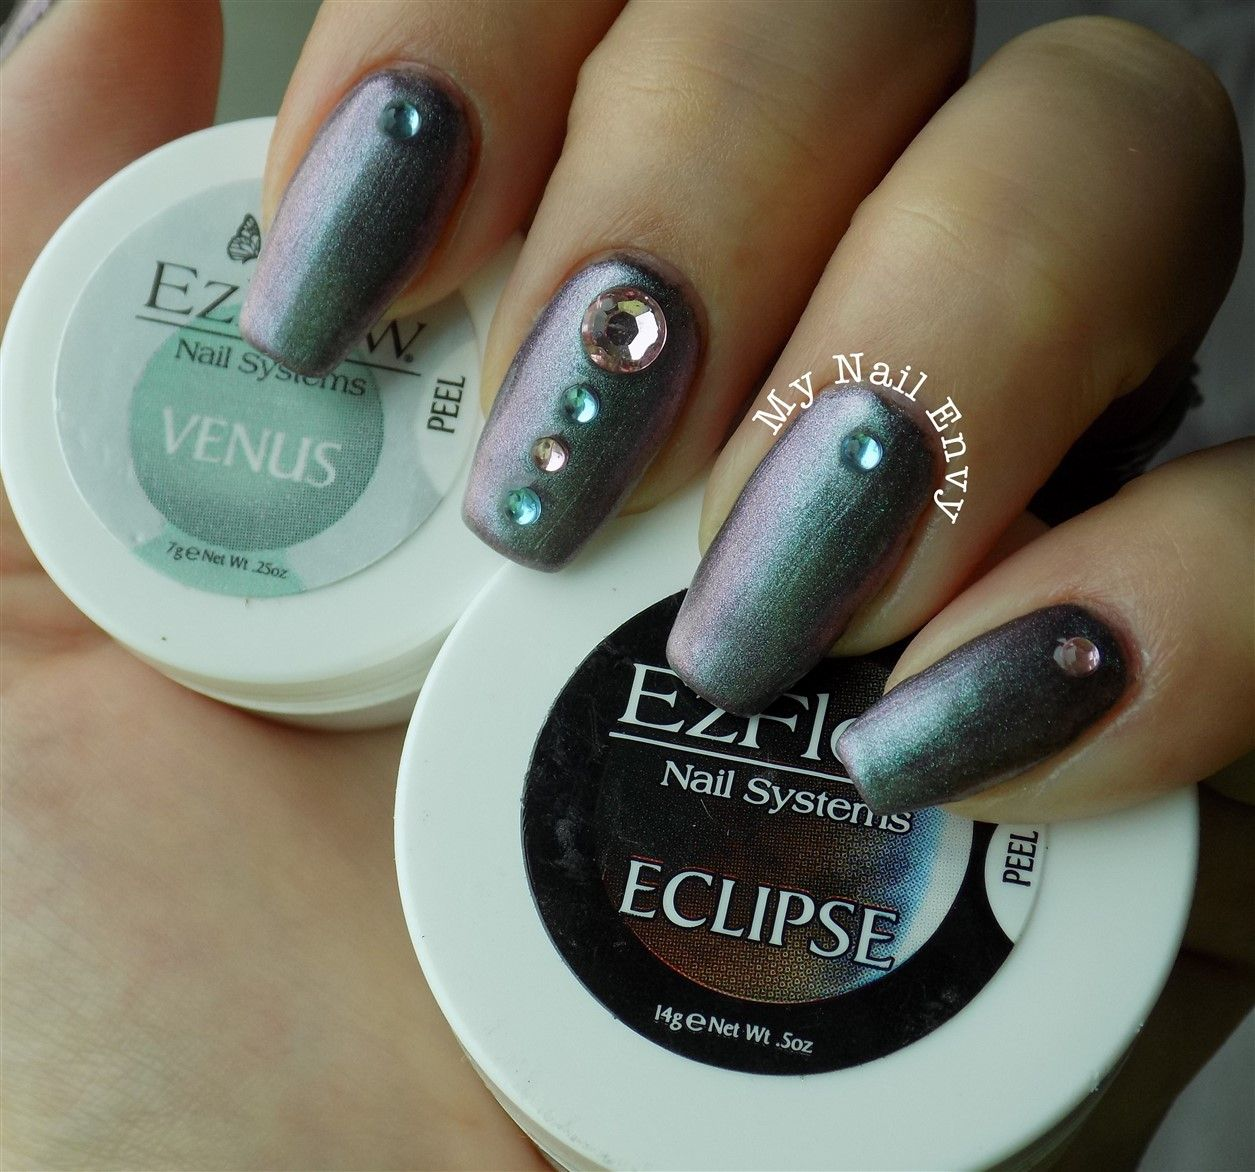 Venus – My Nail Envy EZ Flow, Celestial Bodies Collection, Silver ...